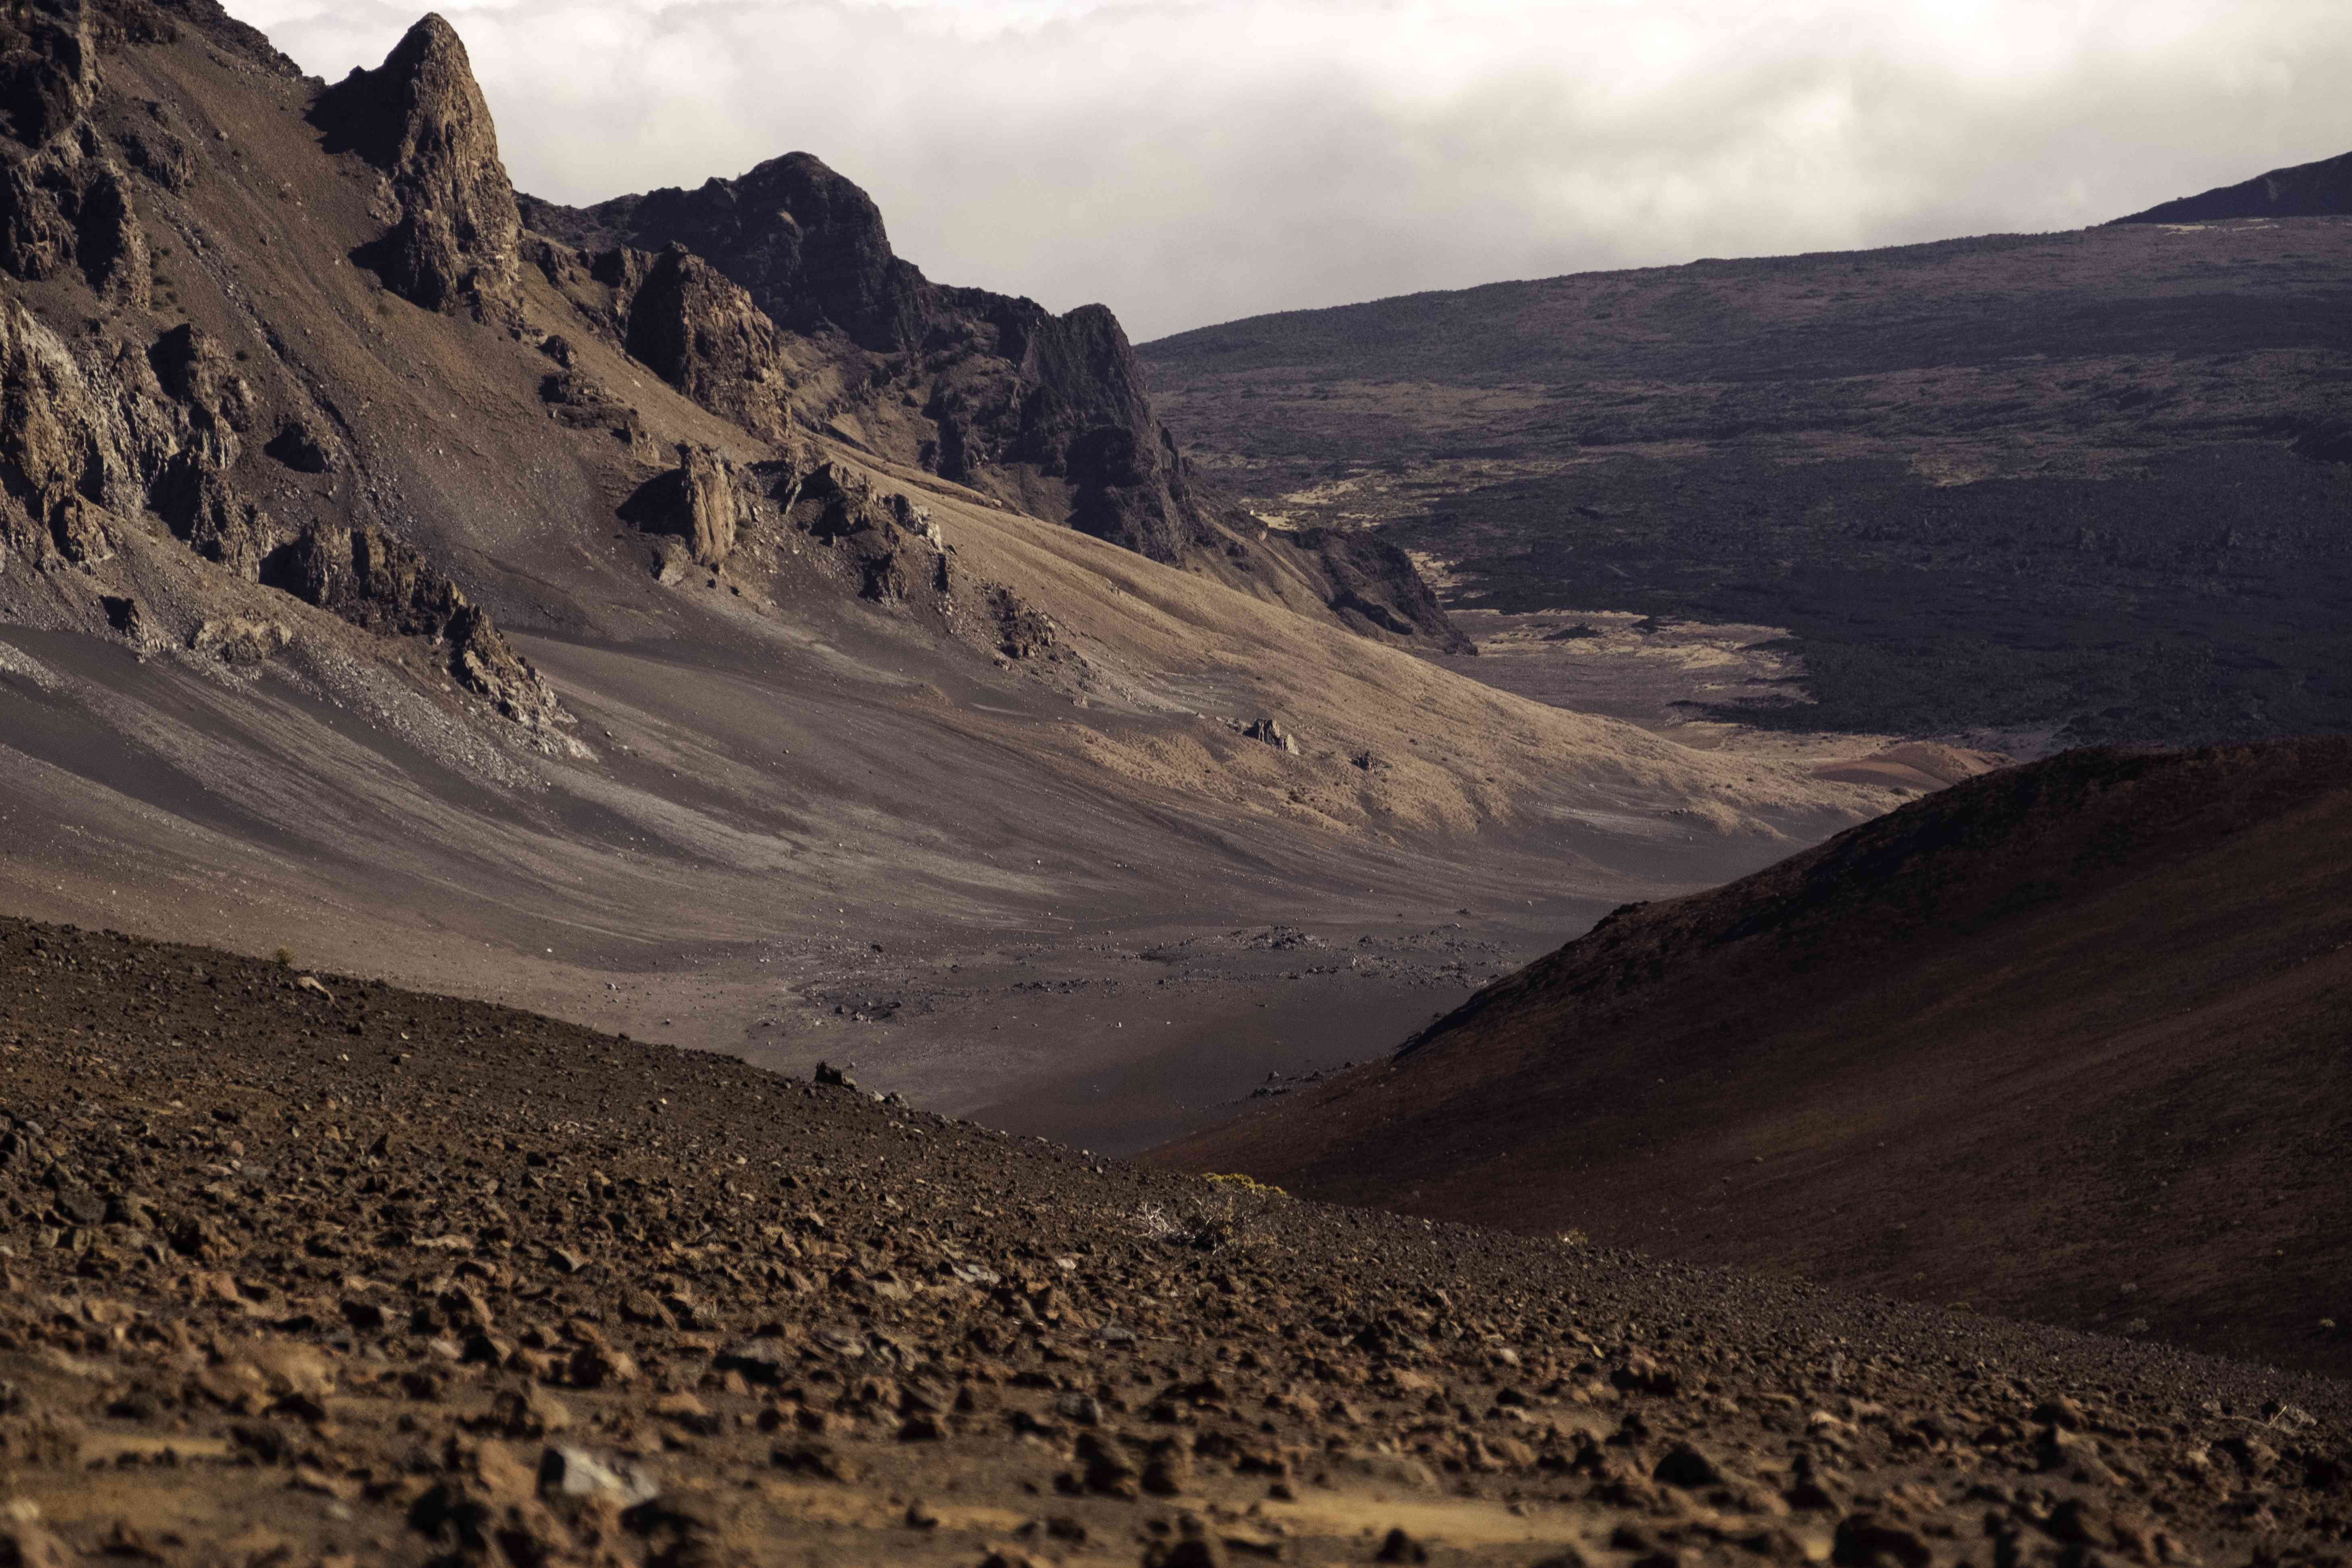 Inside the crater at Haleakala National Park